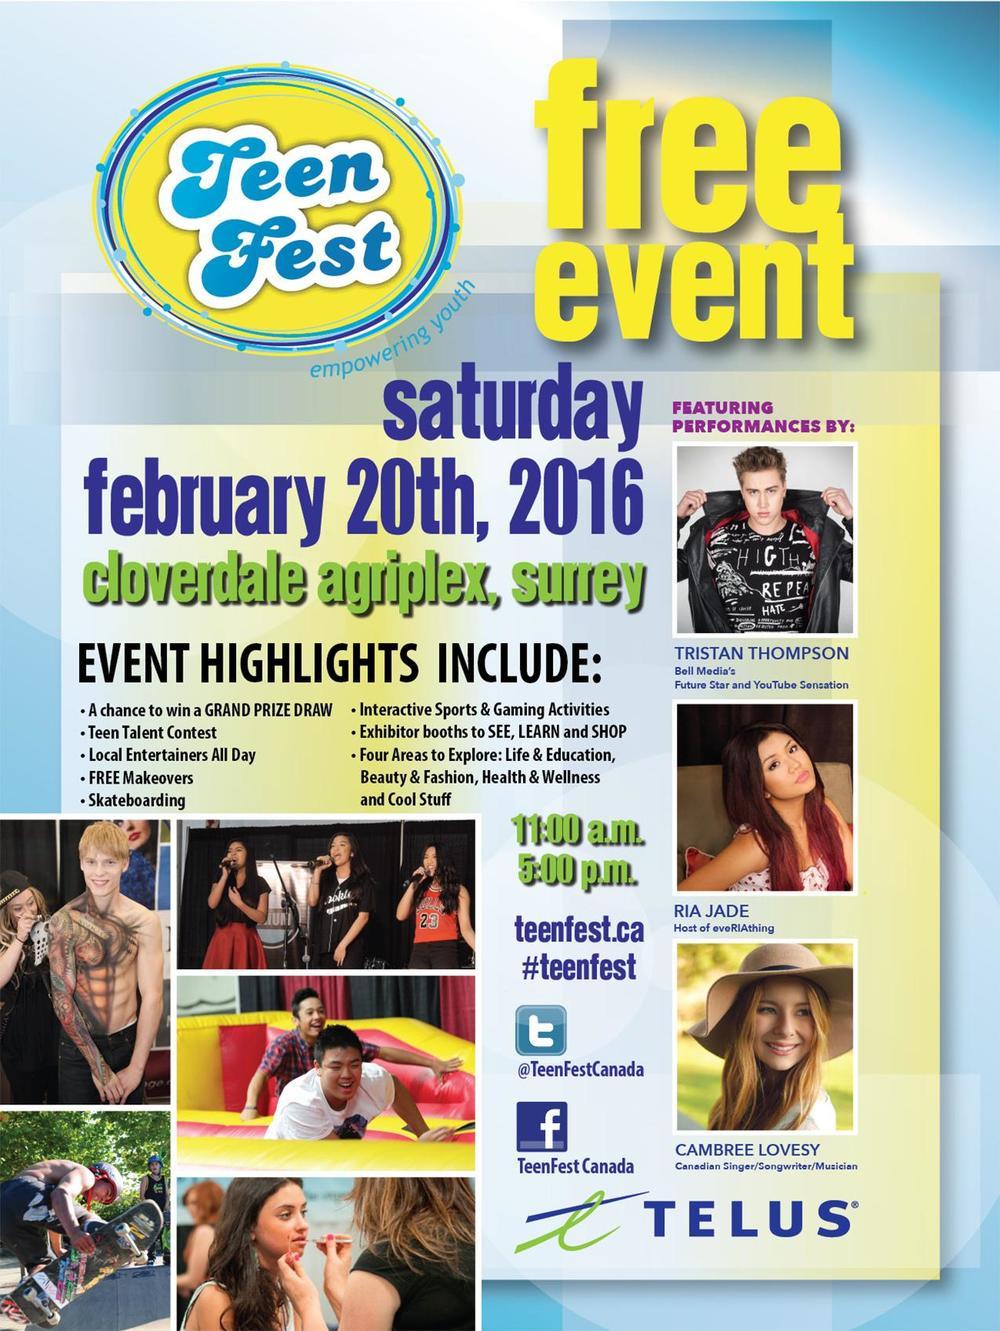 (c) TeenFest.ca